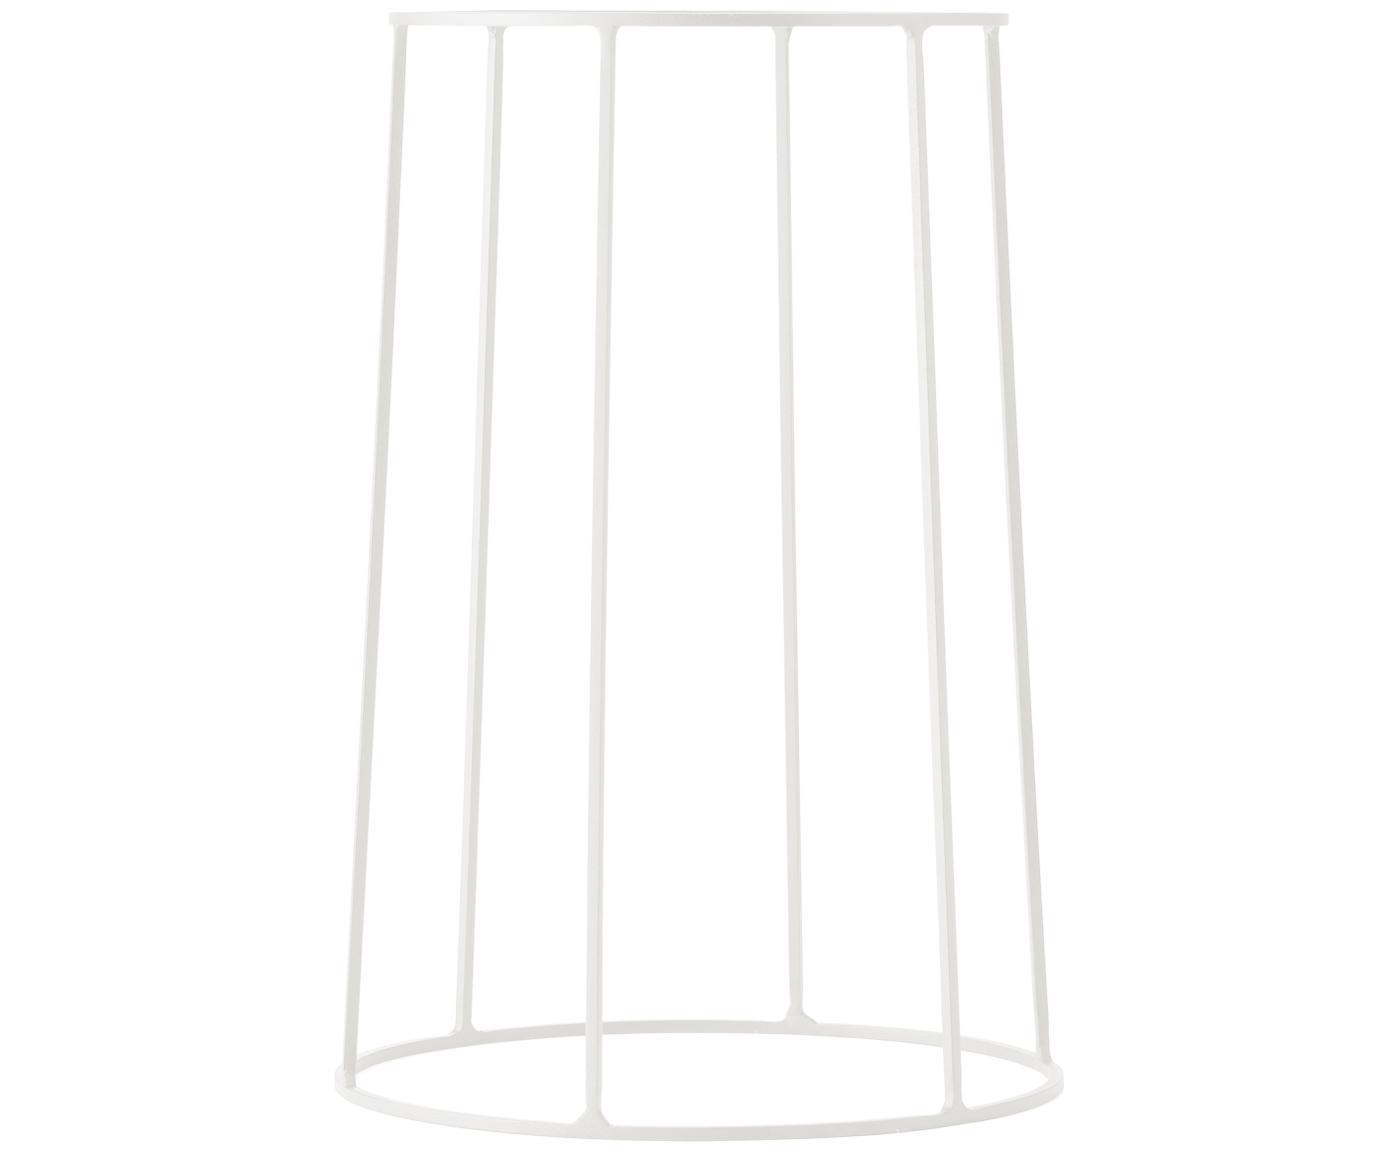 Stojak na doniczkę Wire Base, Stal malowana proszkowo, Biały, Ø 23 x 40 cm